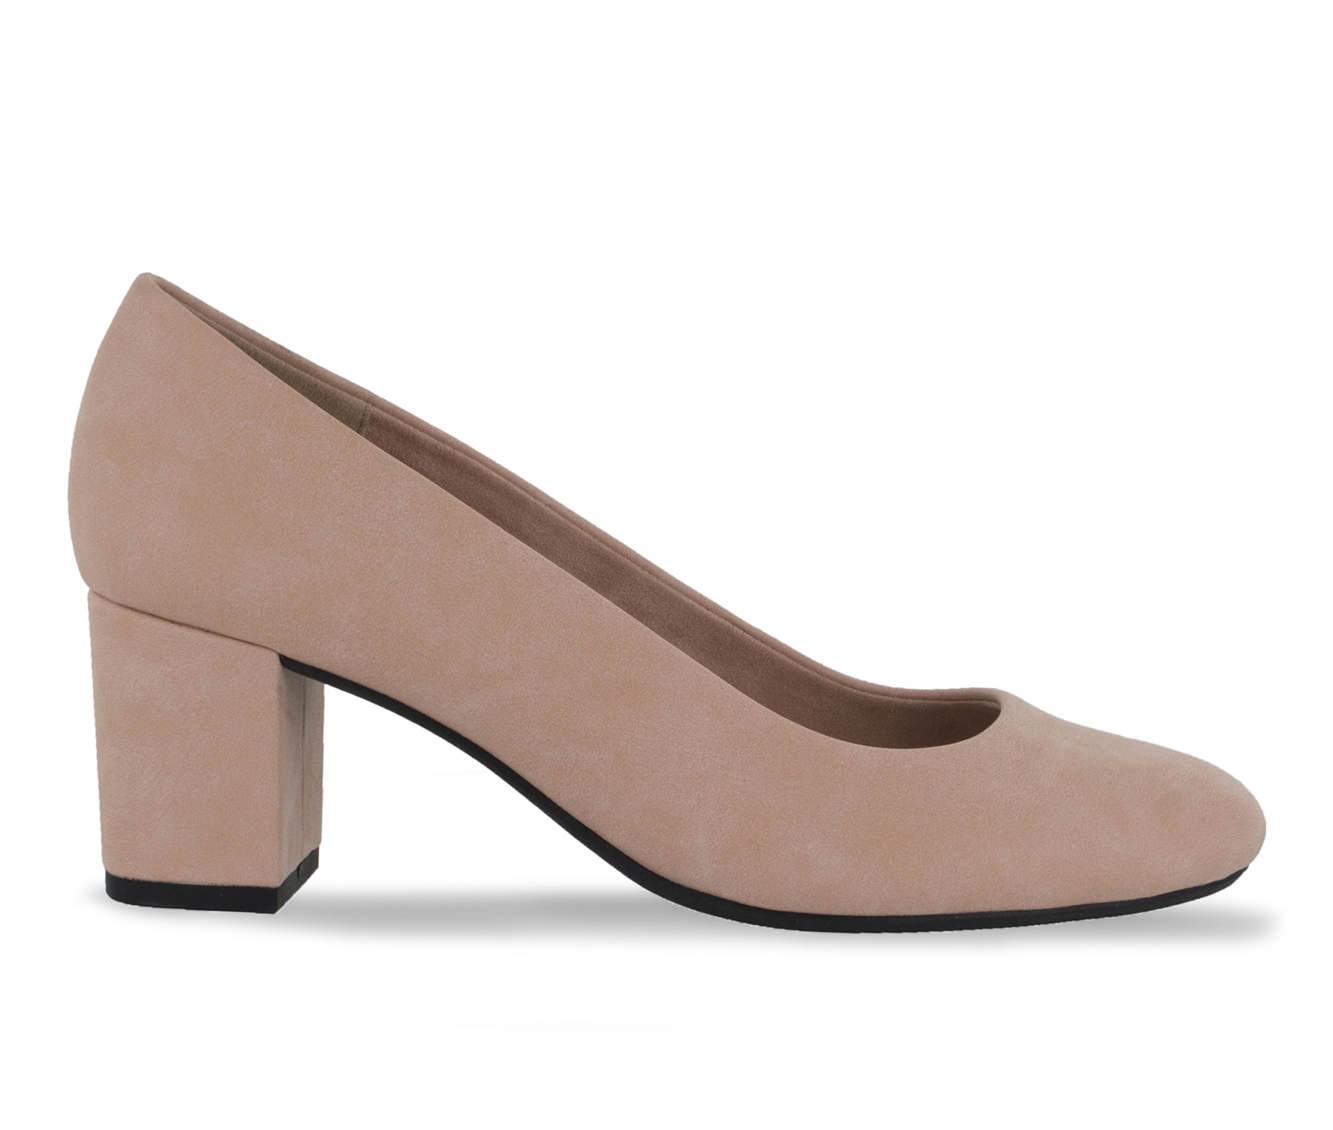 Easy Street Proper Women's Dress Shoe (Pink Faux Leather)